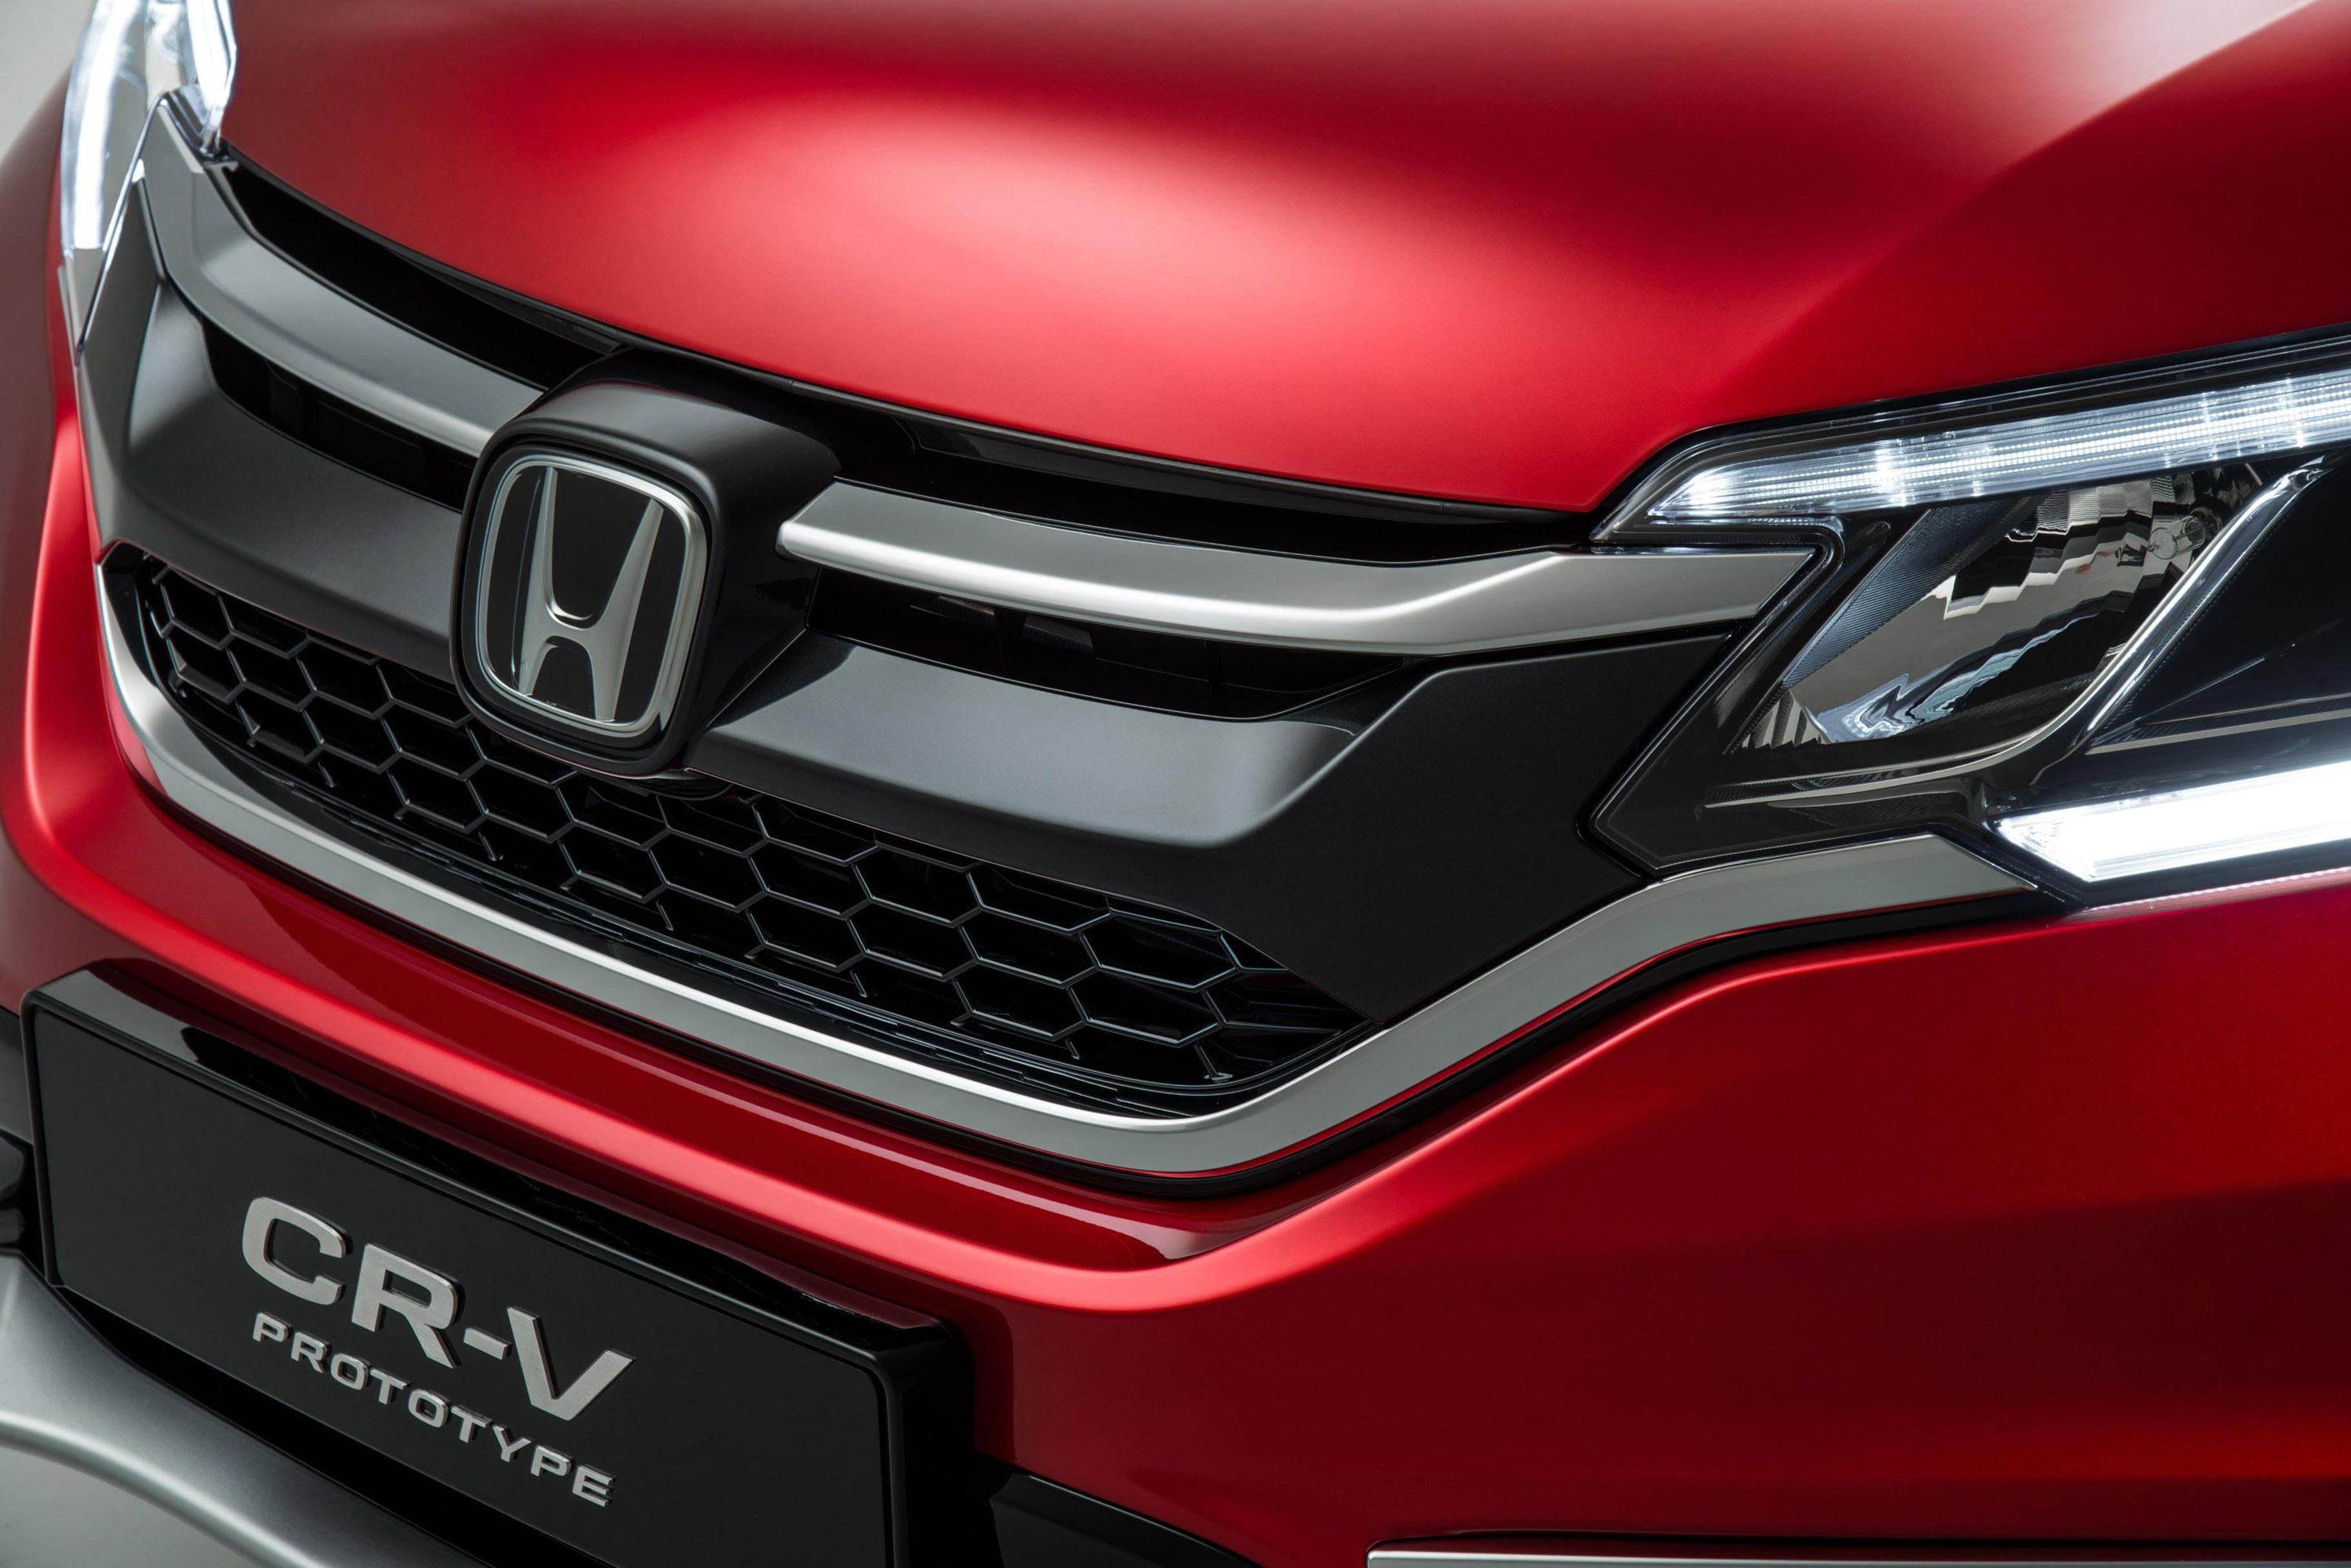 2012 Honda Crv Reviews Consumer Reports Hd Photo